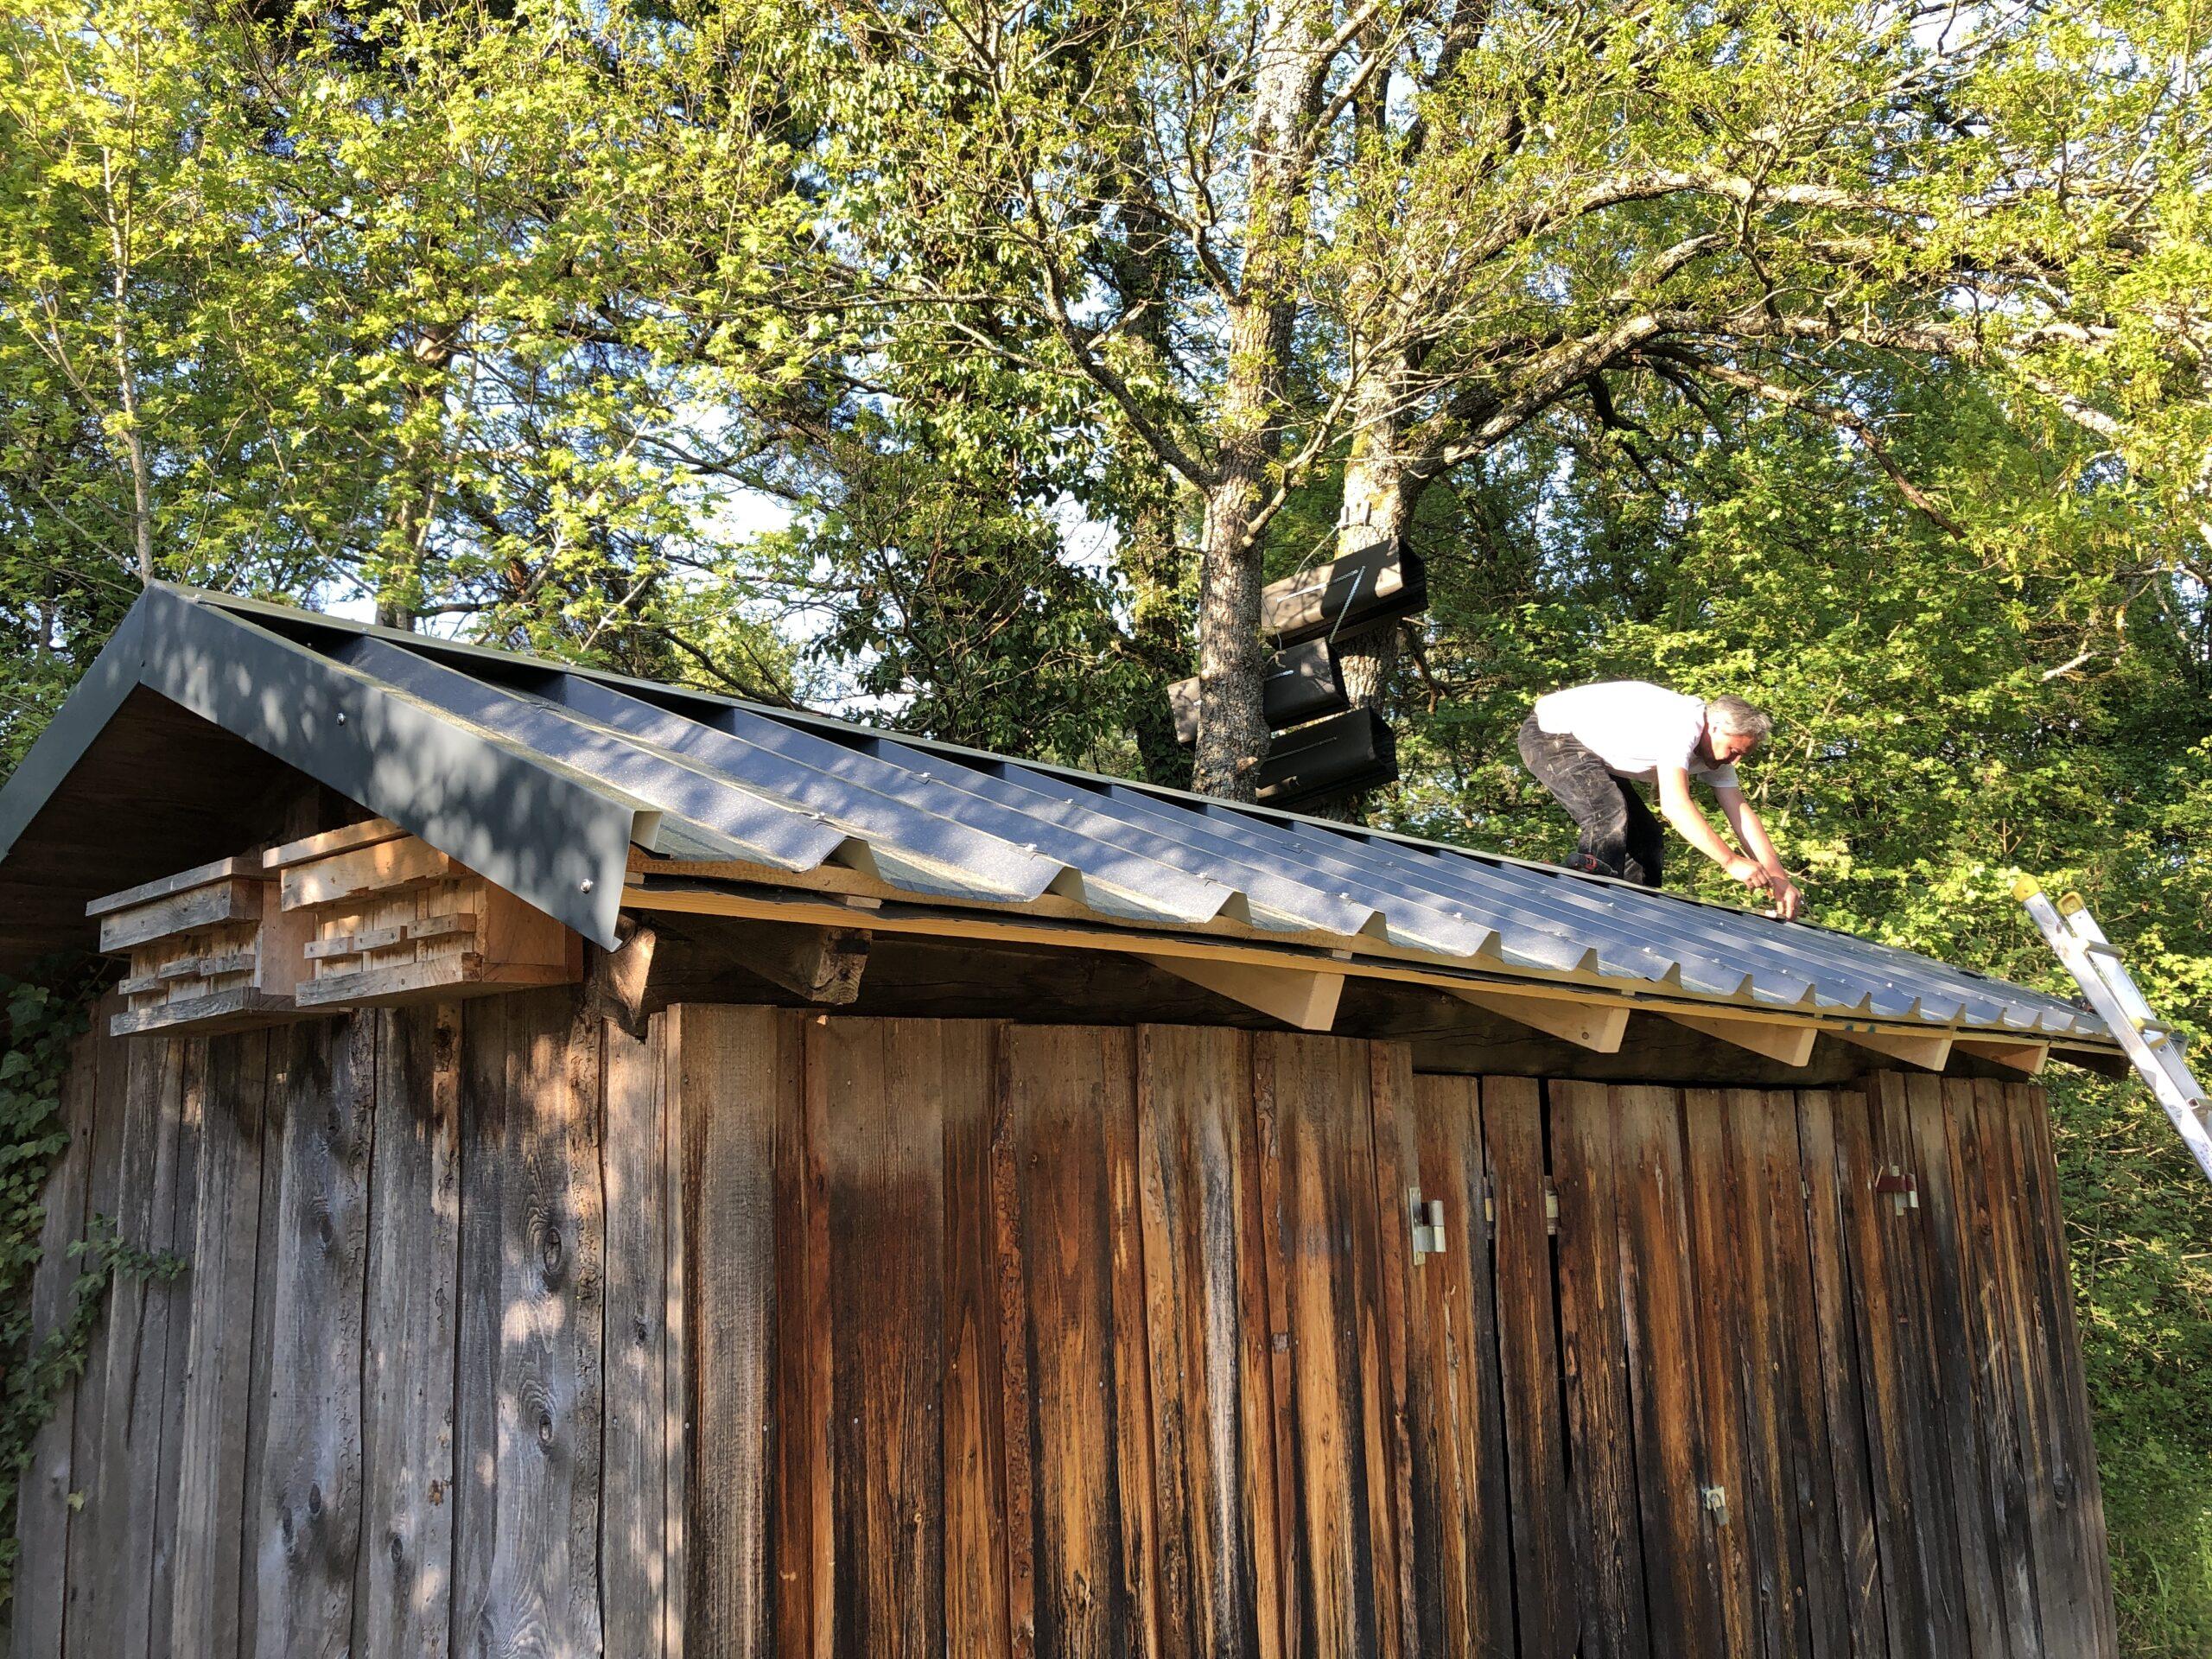 Bild: Reparatur des Daches einer Holzhütte